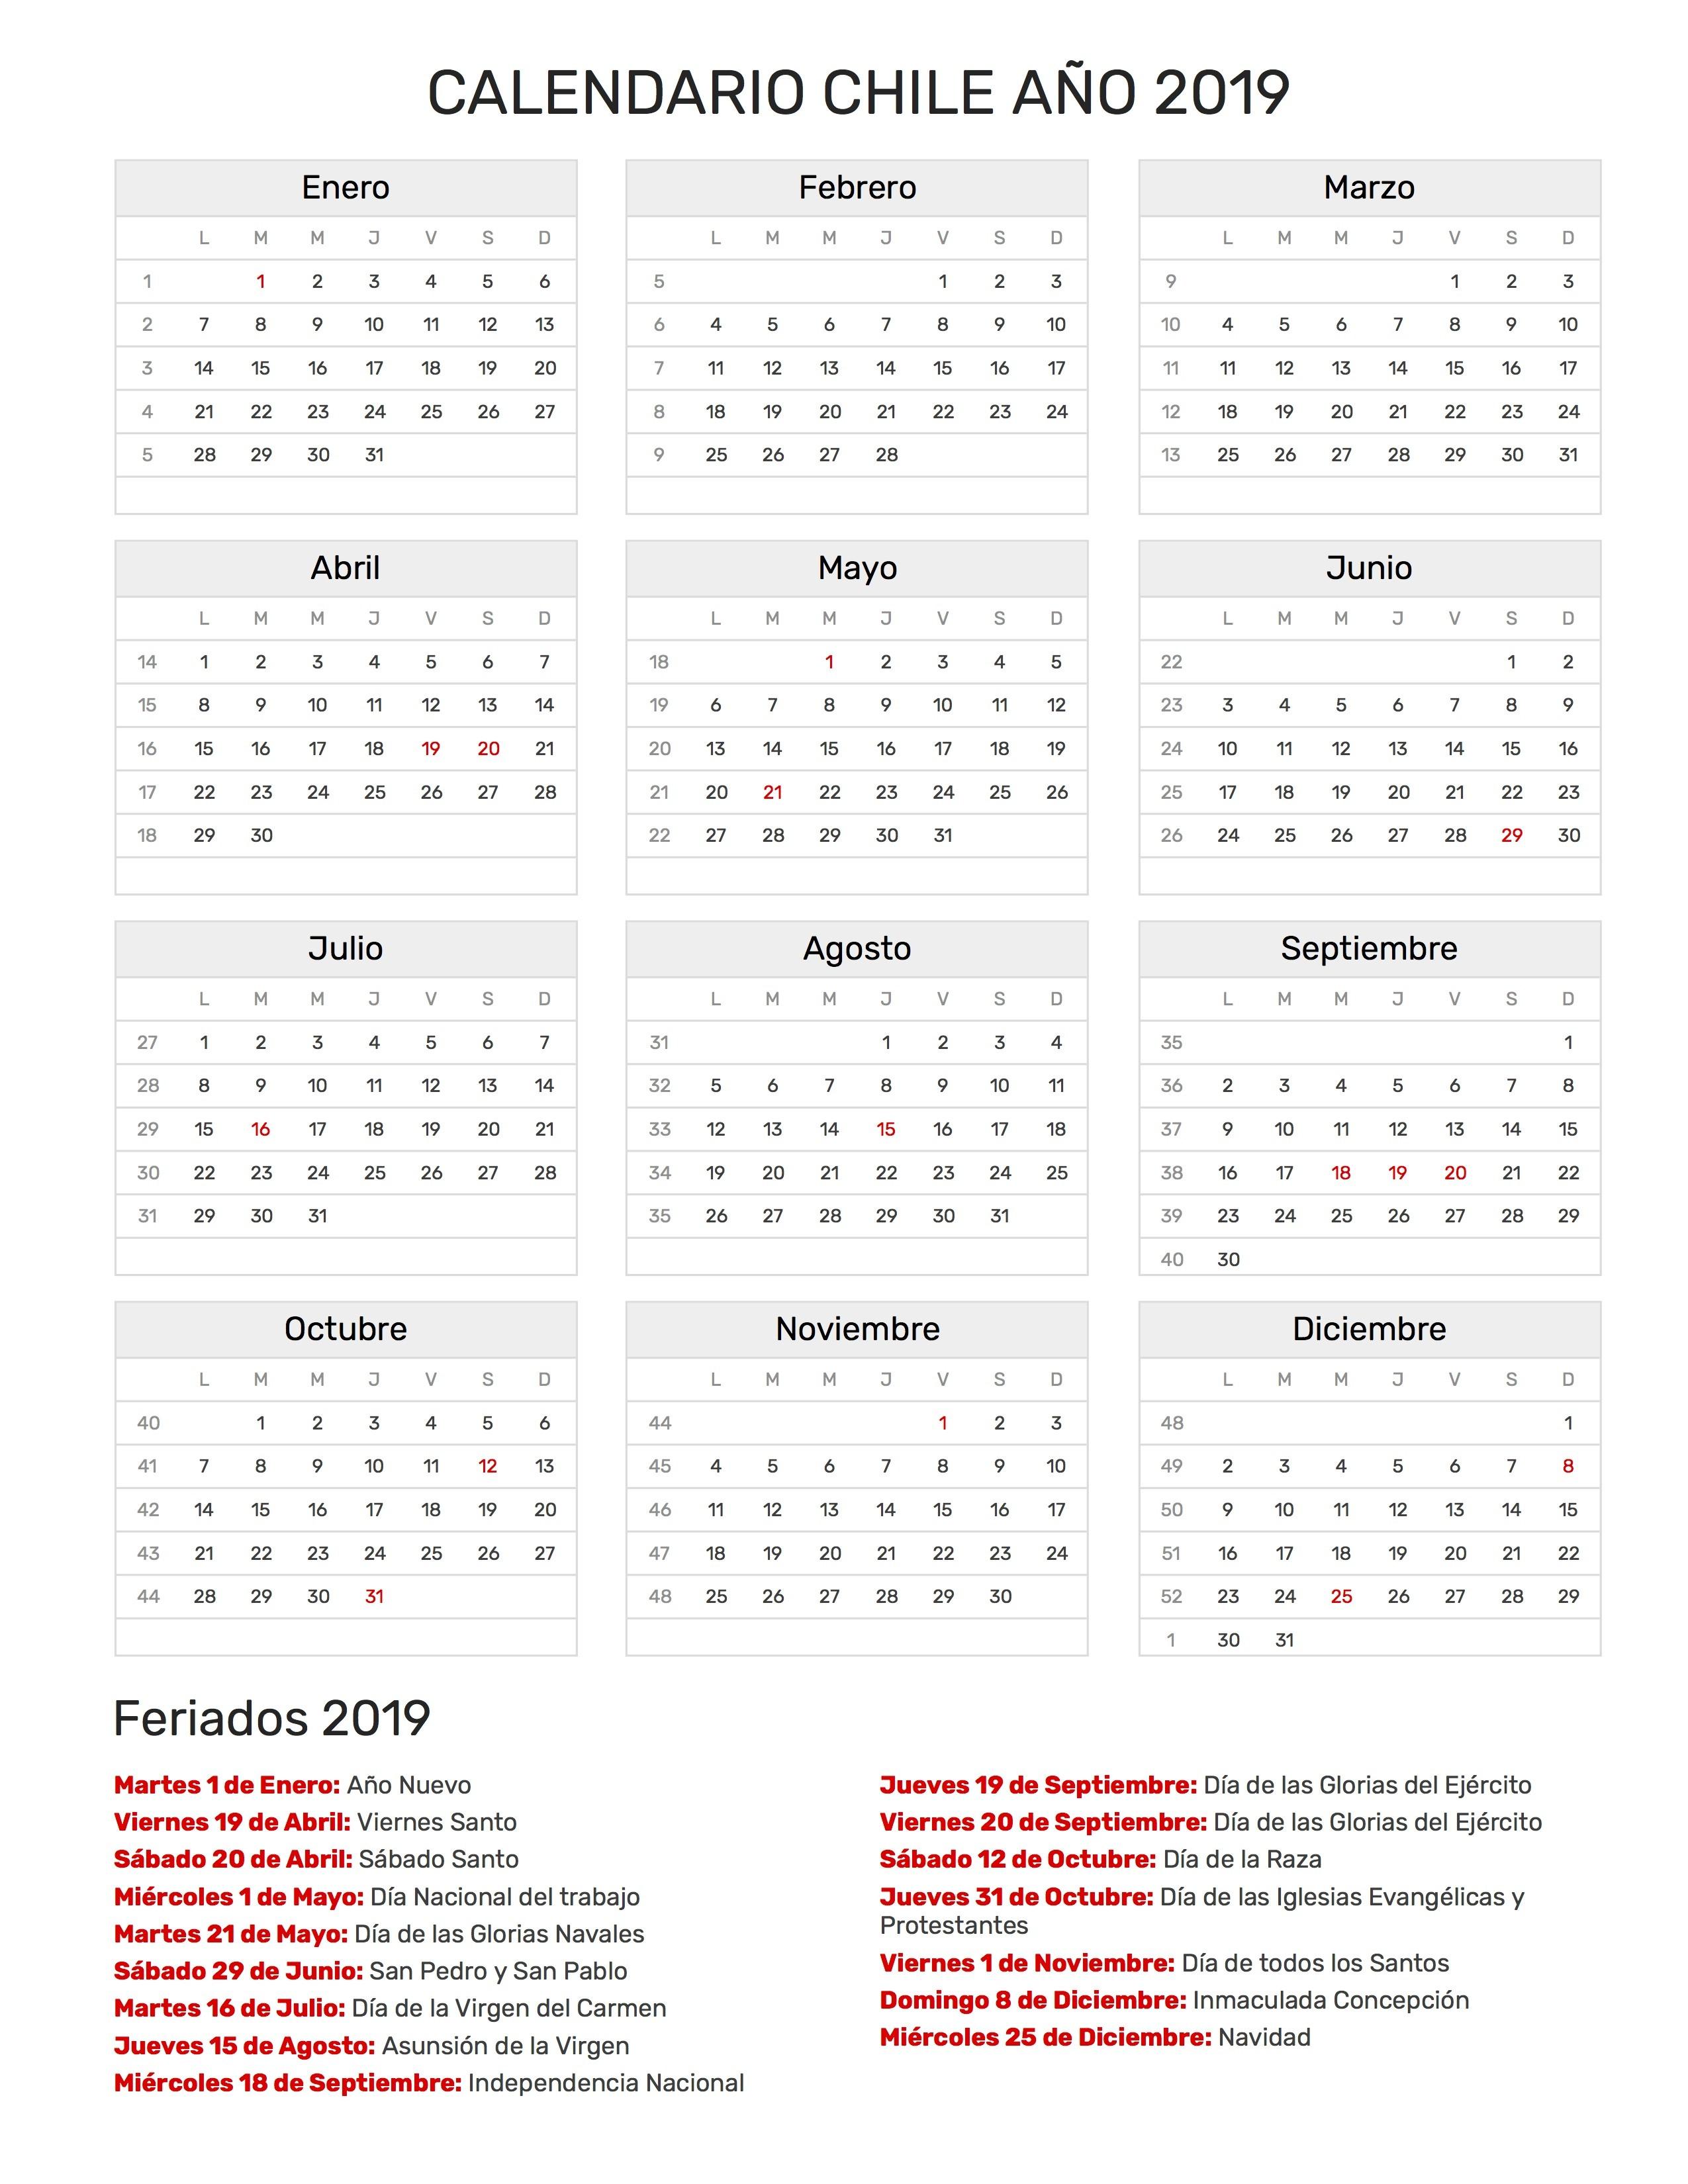 Calendario Lunar Para Imprimir 2017 Más Caliente Calendario Octubre 2015 Para Imprimir 2017 Vector Calendar In Of Calendario Lunar Para Imprimir 2017 Más Arriba-a-fecha Calendario De Octubre 2018 Para Imprimir Kordurorddiner